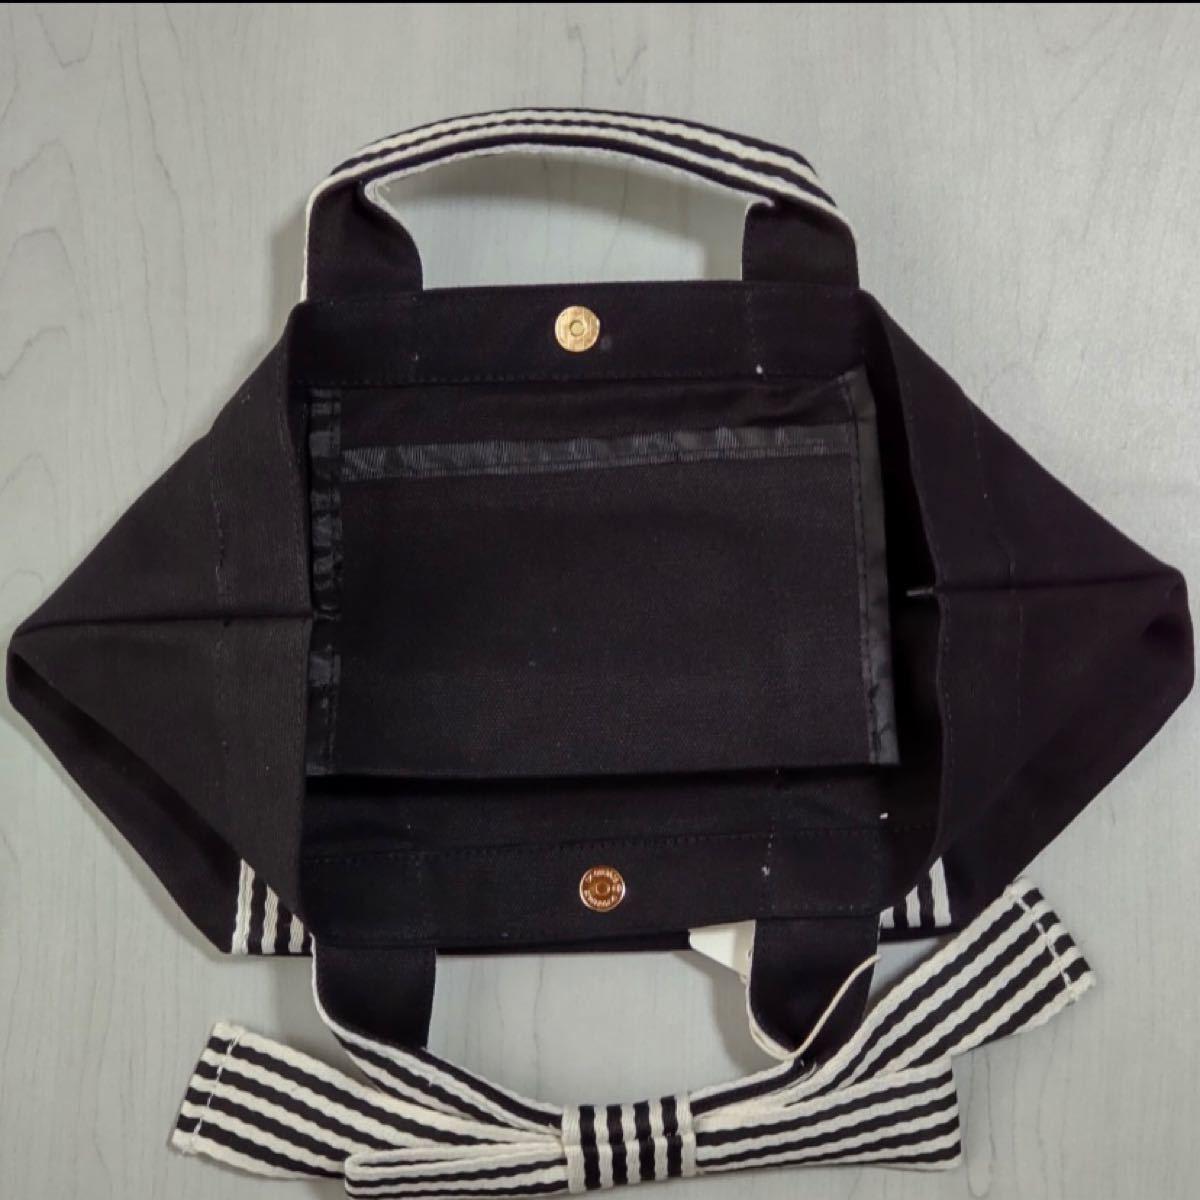 トートバッグ ミニトート リボン キャンバスボーダー バッグ ランチバッグ サブバッグ リボントート カバン 黒 ブラック エコ